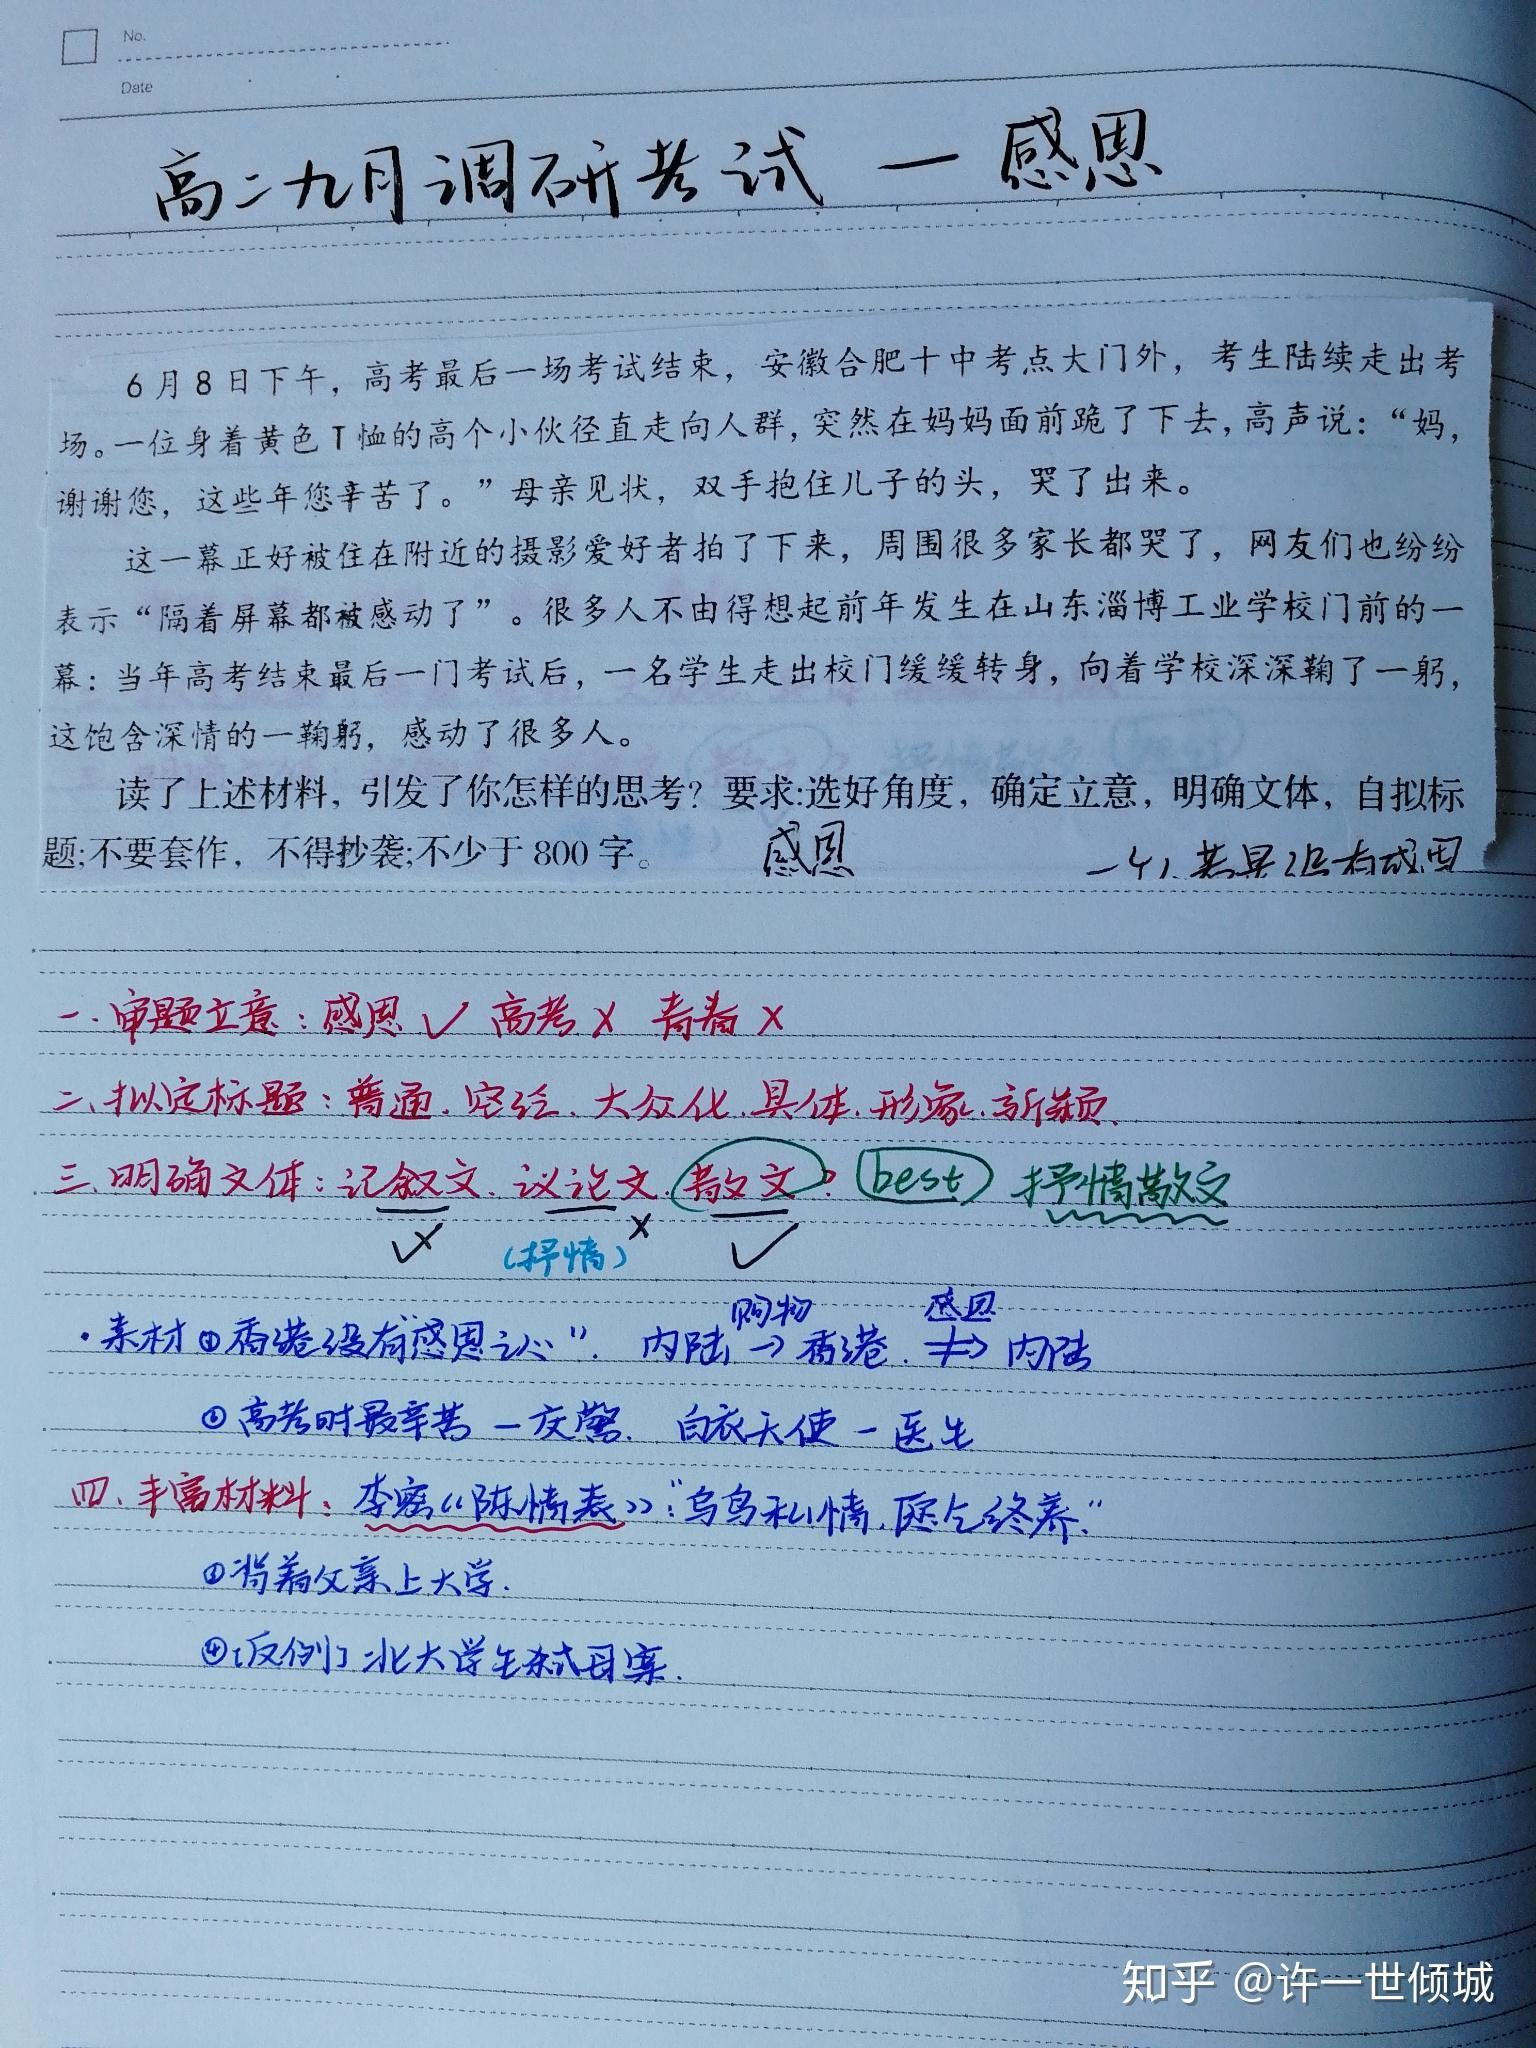 高中语文句子摘抄_高中语文素材积累本应该怎么排版?有什么值得摘抄的素材可以 ...